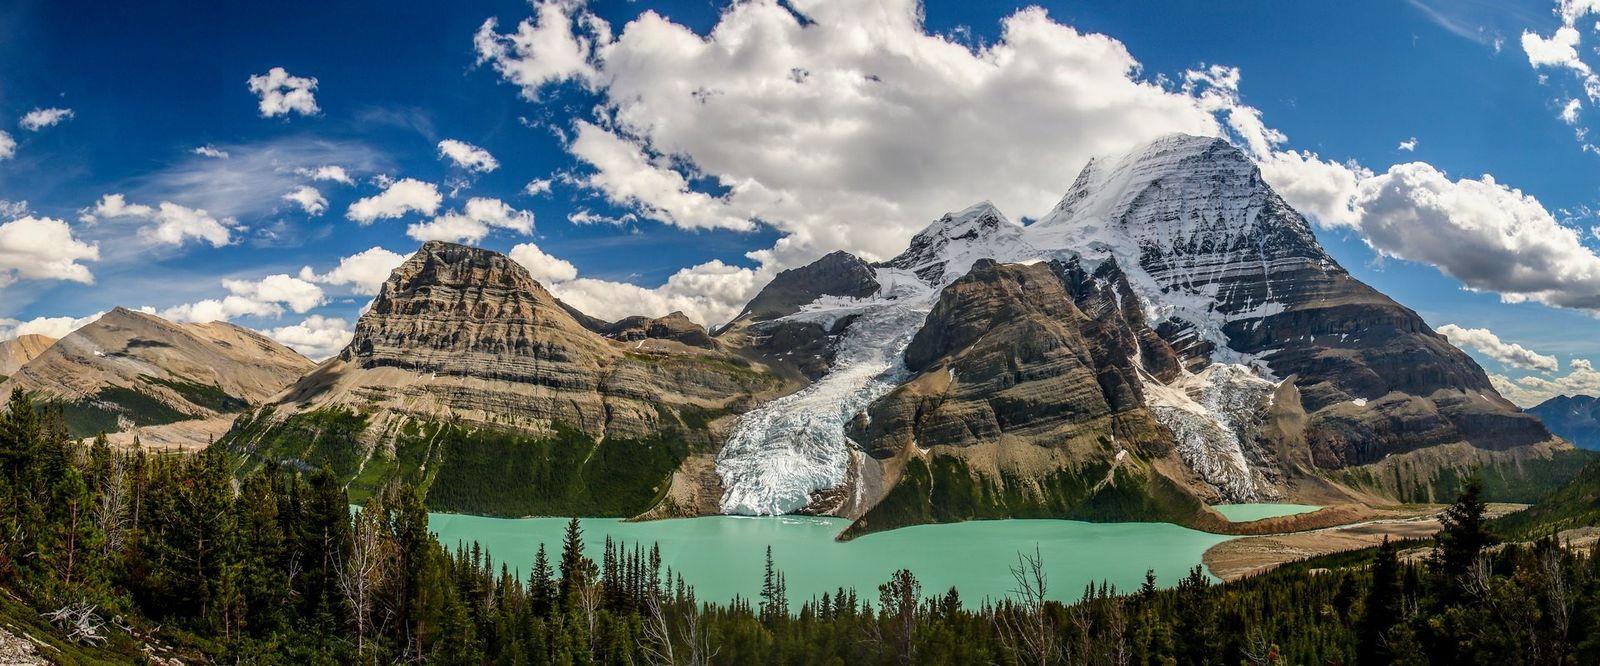 Der Mount Robson Provincial Park in British Columbia. Eine typische Szenerie, die der Blick aus dem ...